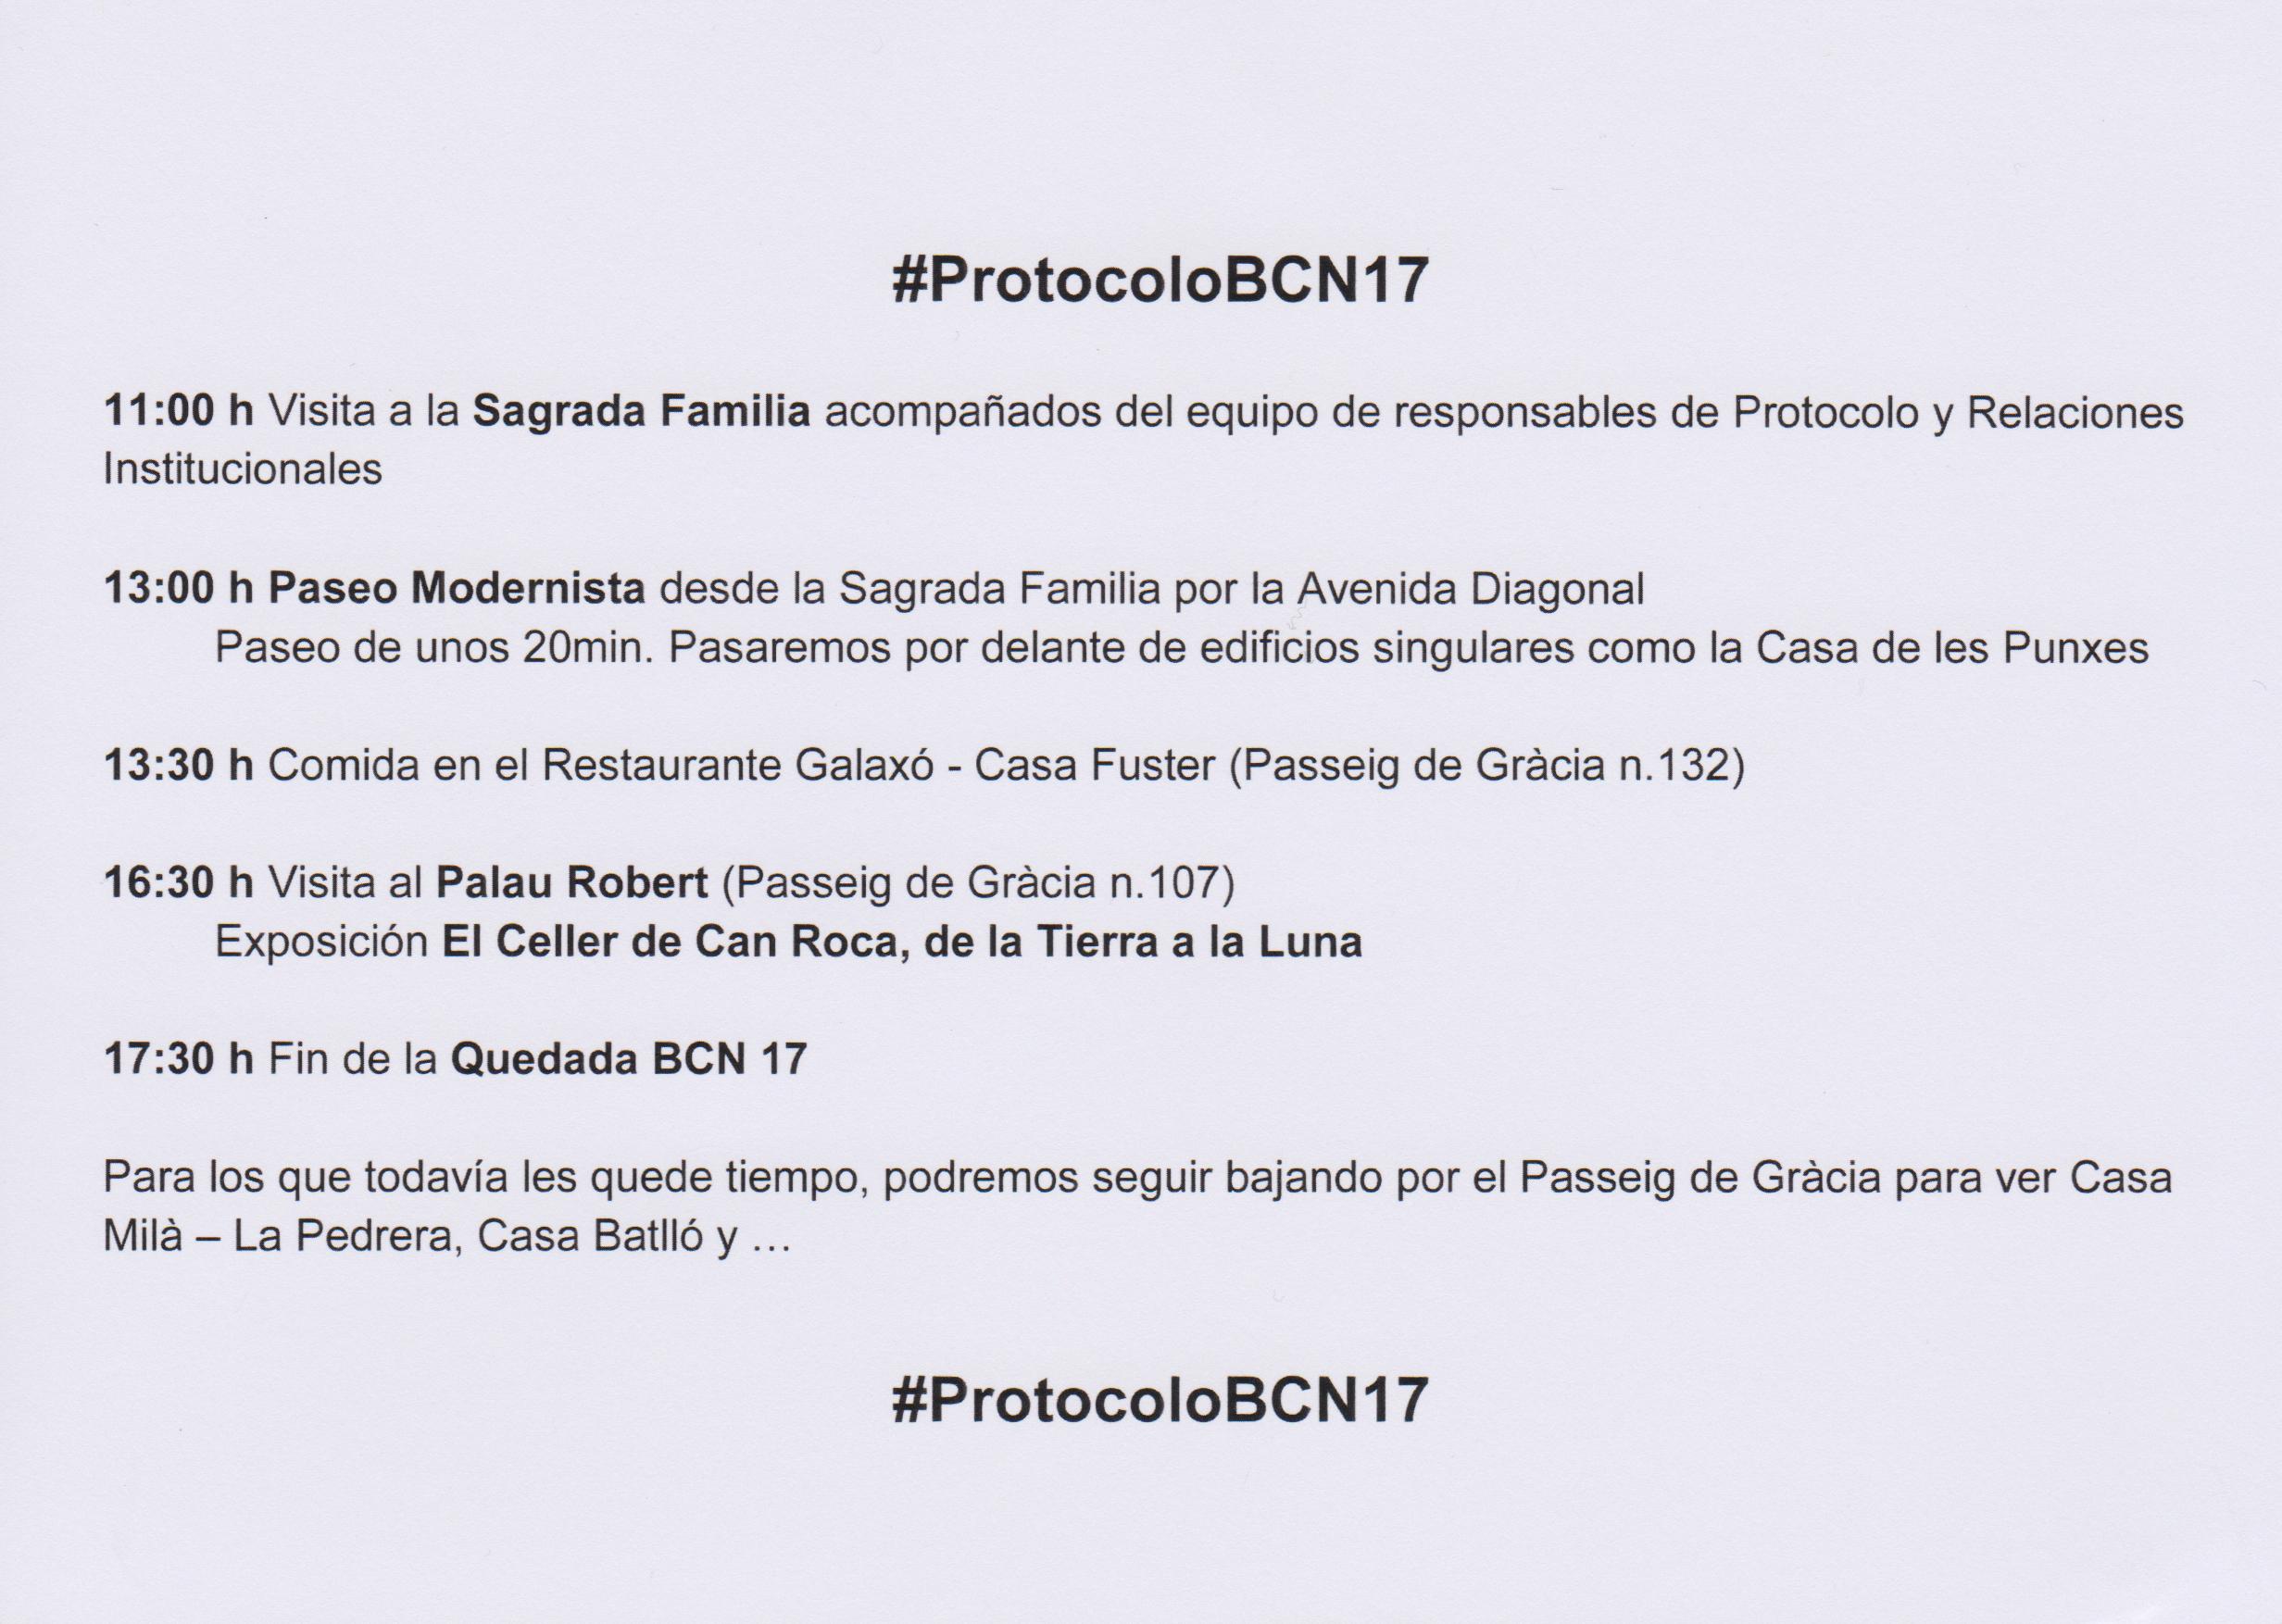 2017-02-18-protocolo-bcn17